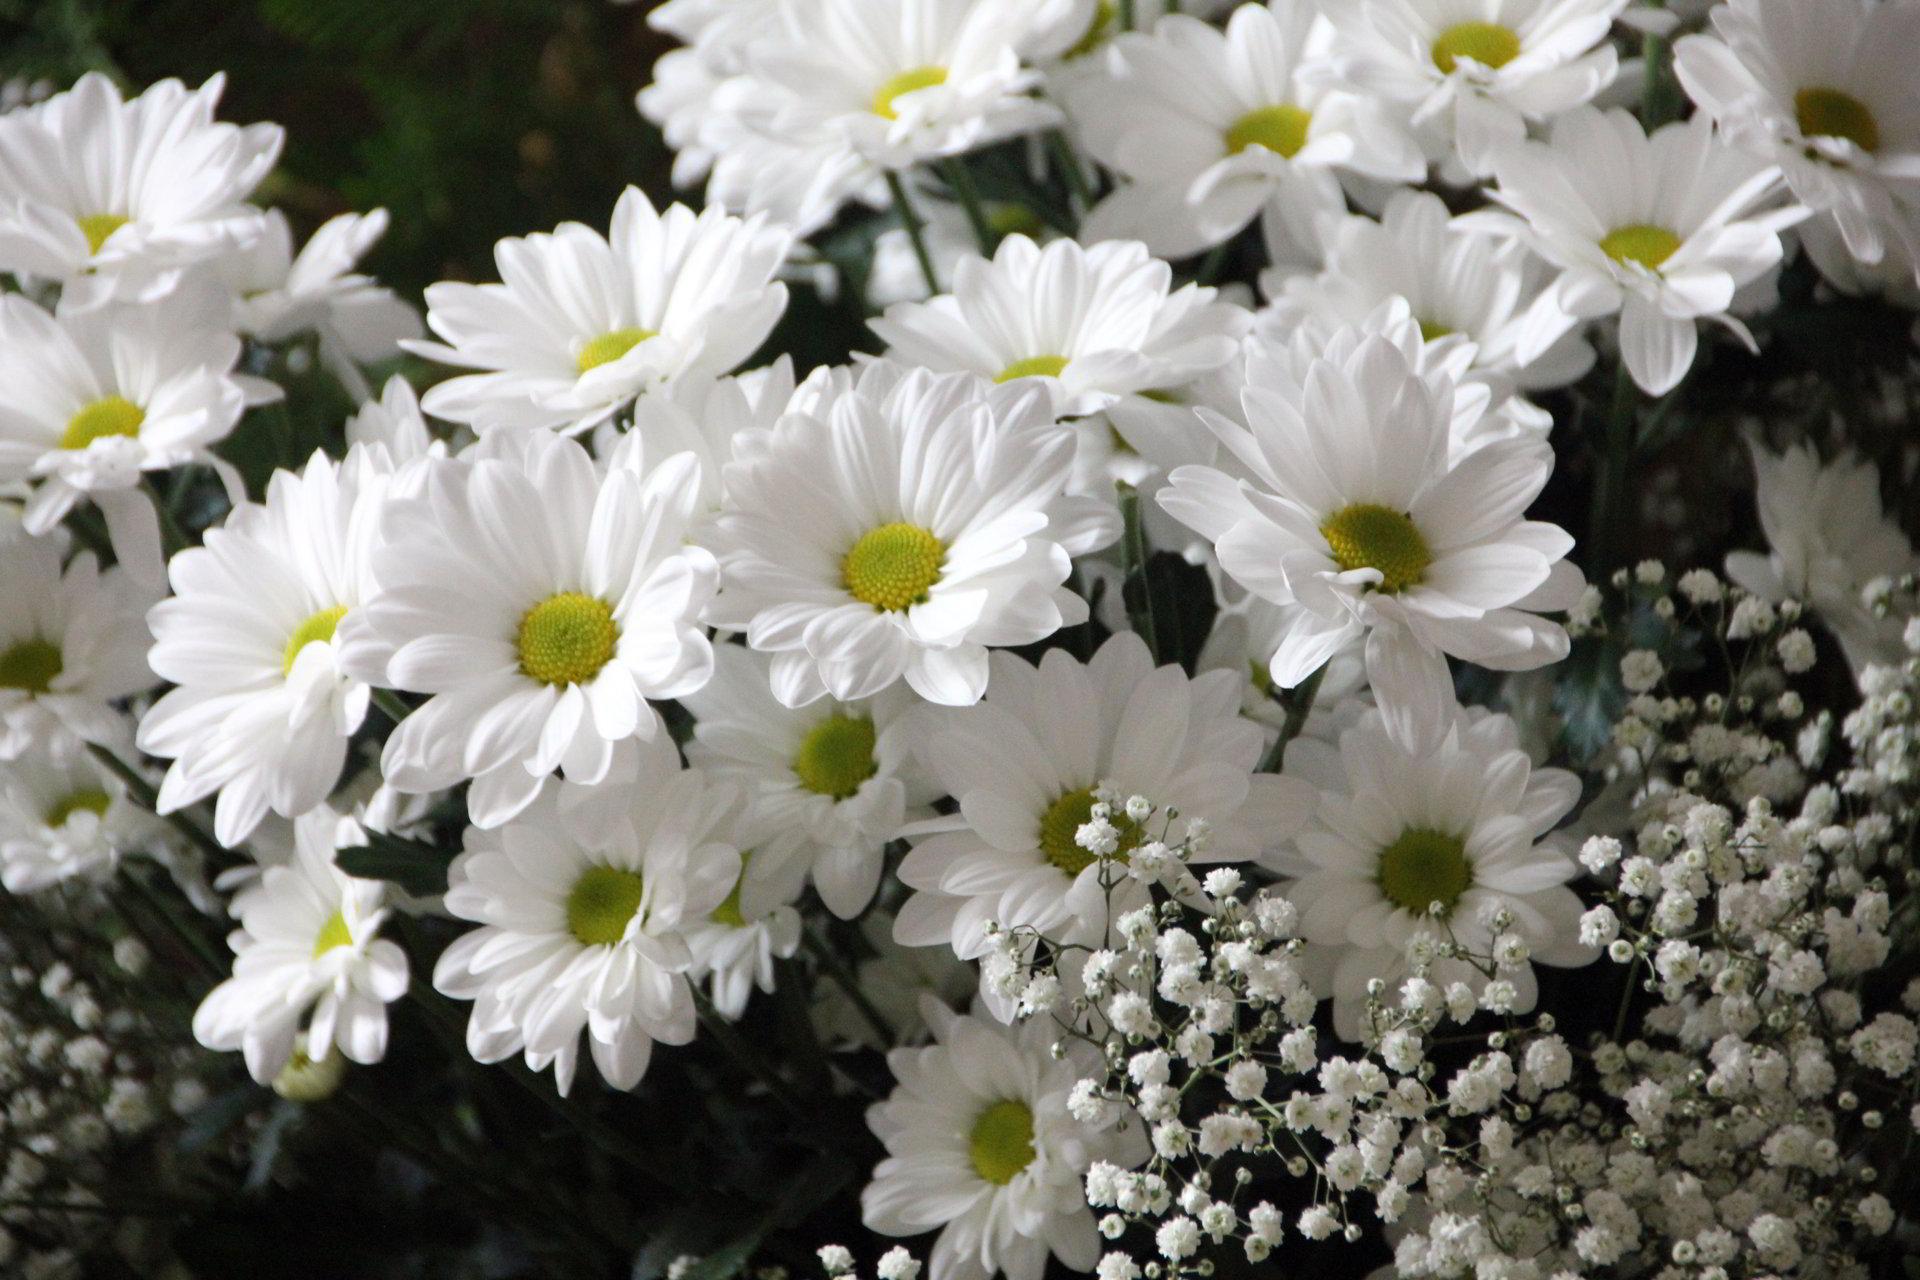 Hình ảnh hoa cúc trắng đẹp rực rỡ nhất